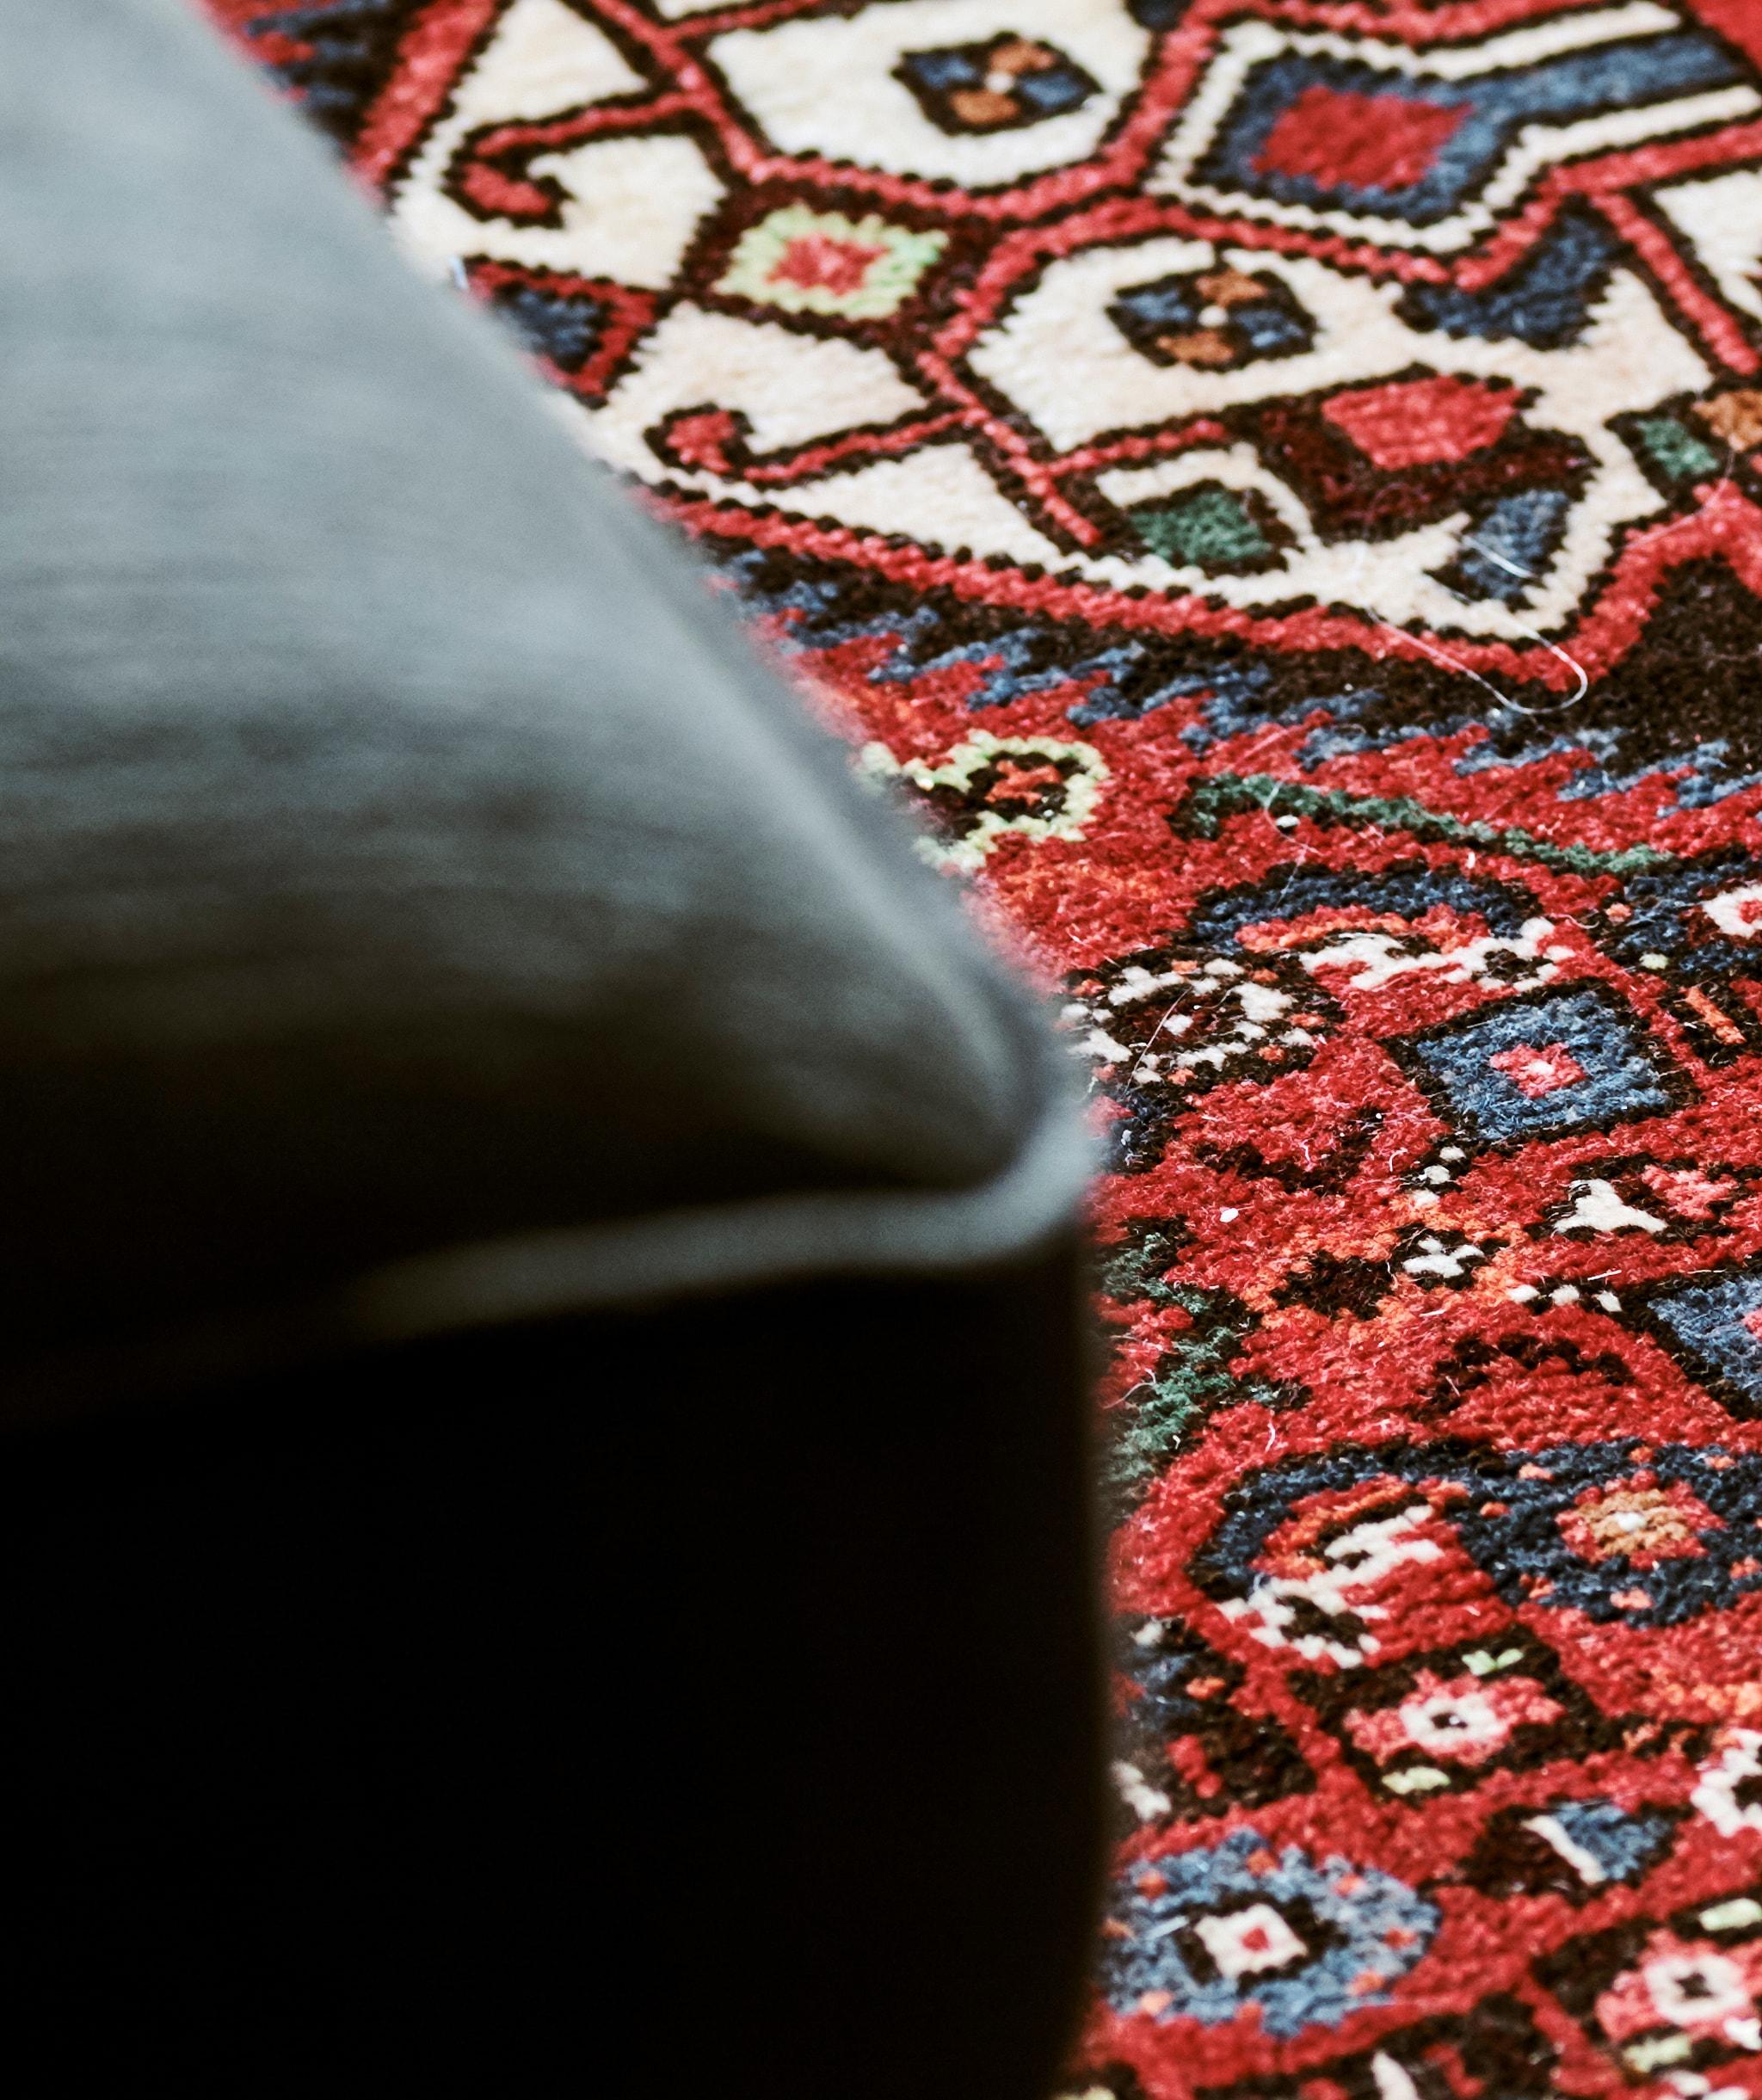 Detail karpet Persia yang ditenun menjadi pola dengan bentuk biru dan hijau dengan latar belakang merah.